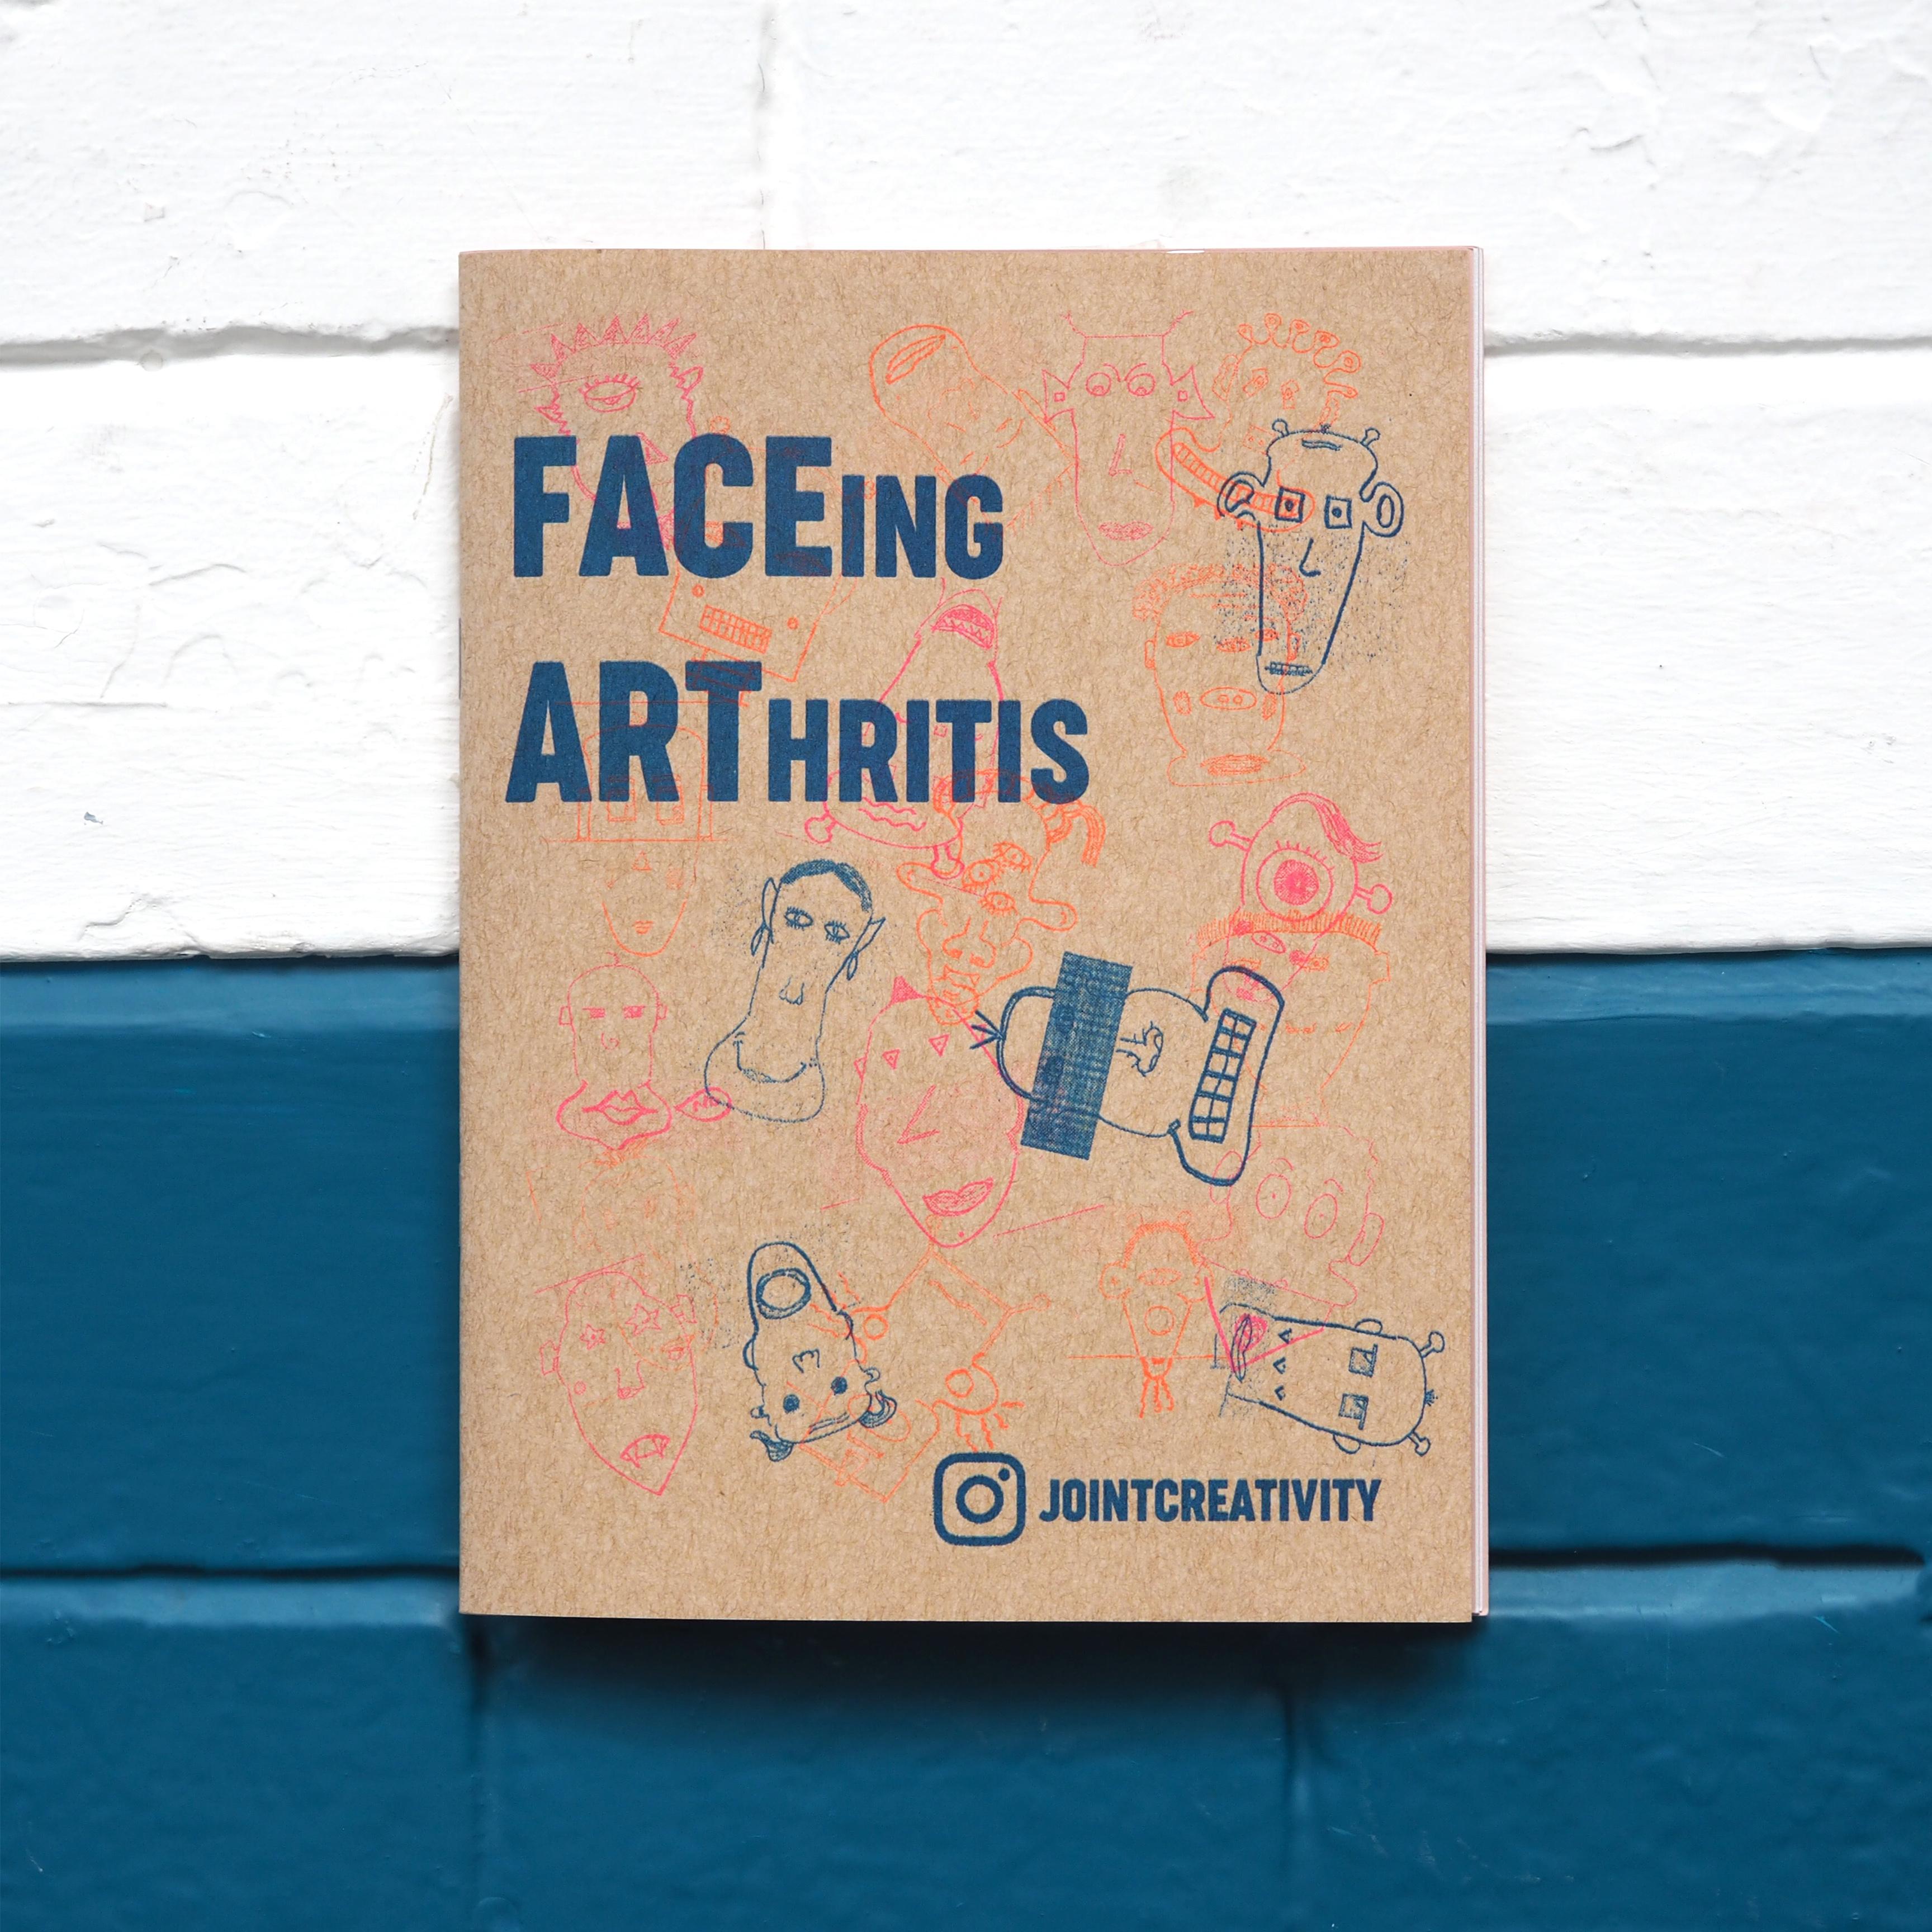 FACEing ARThritis- Joint Creativity